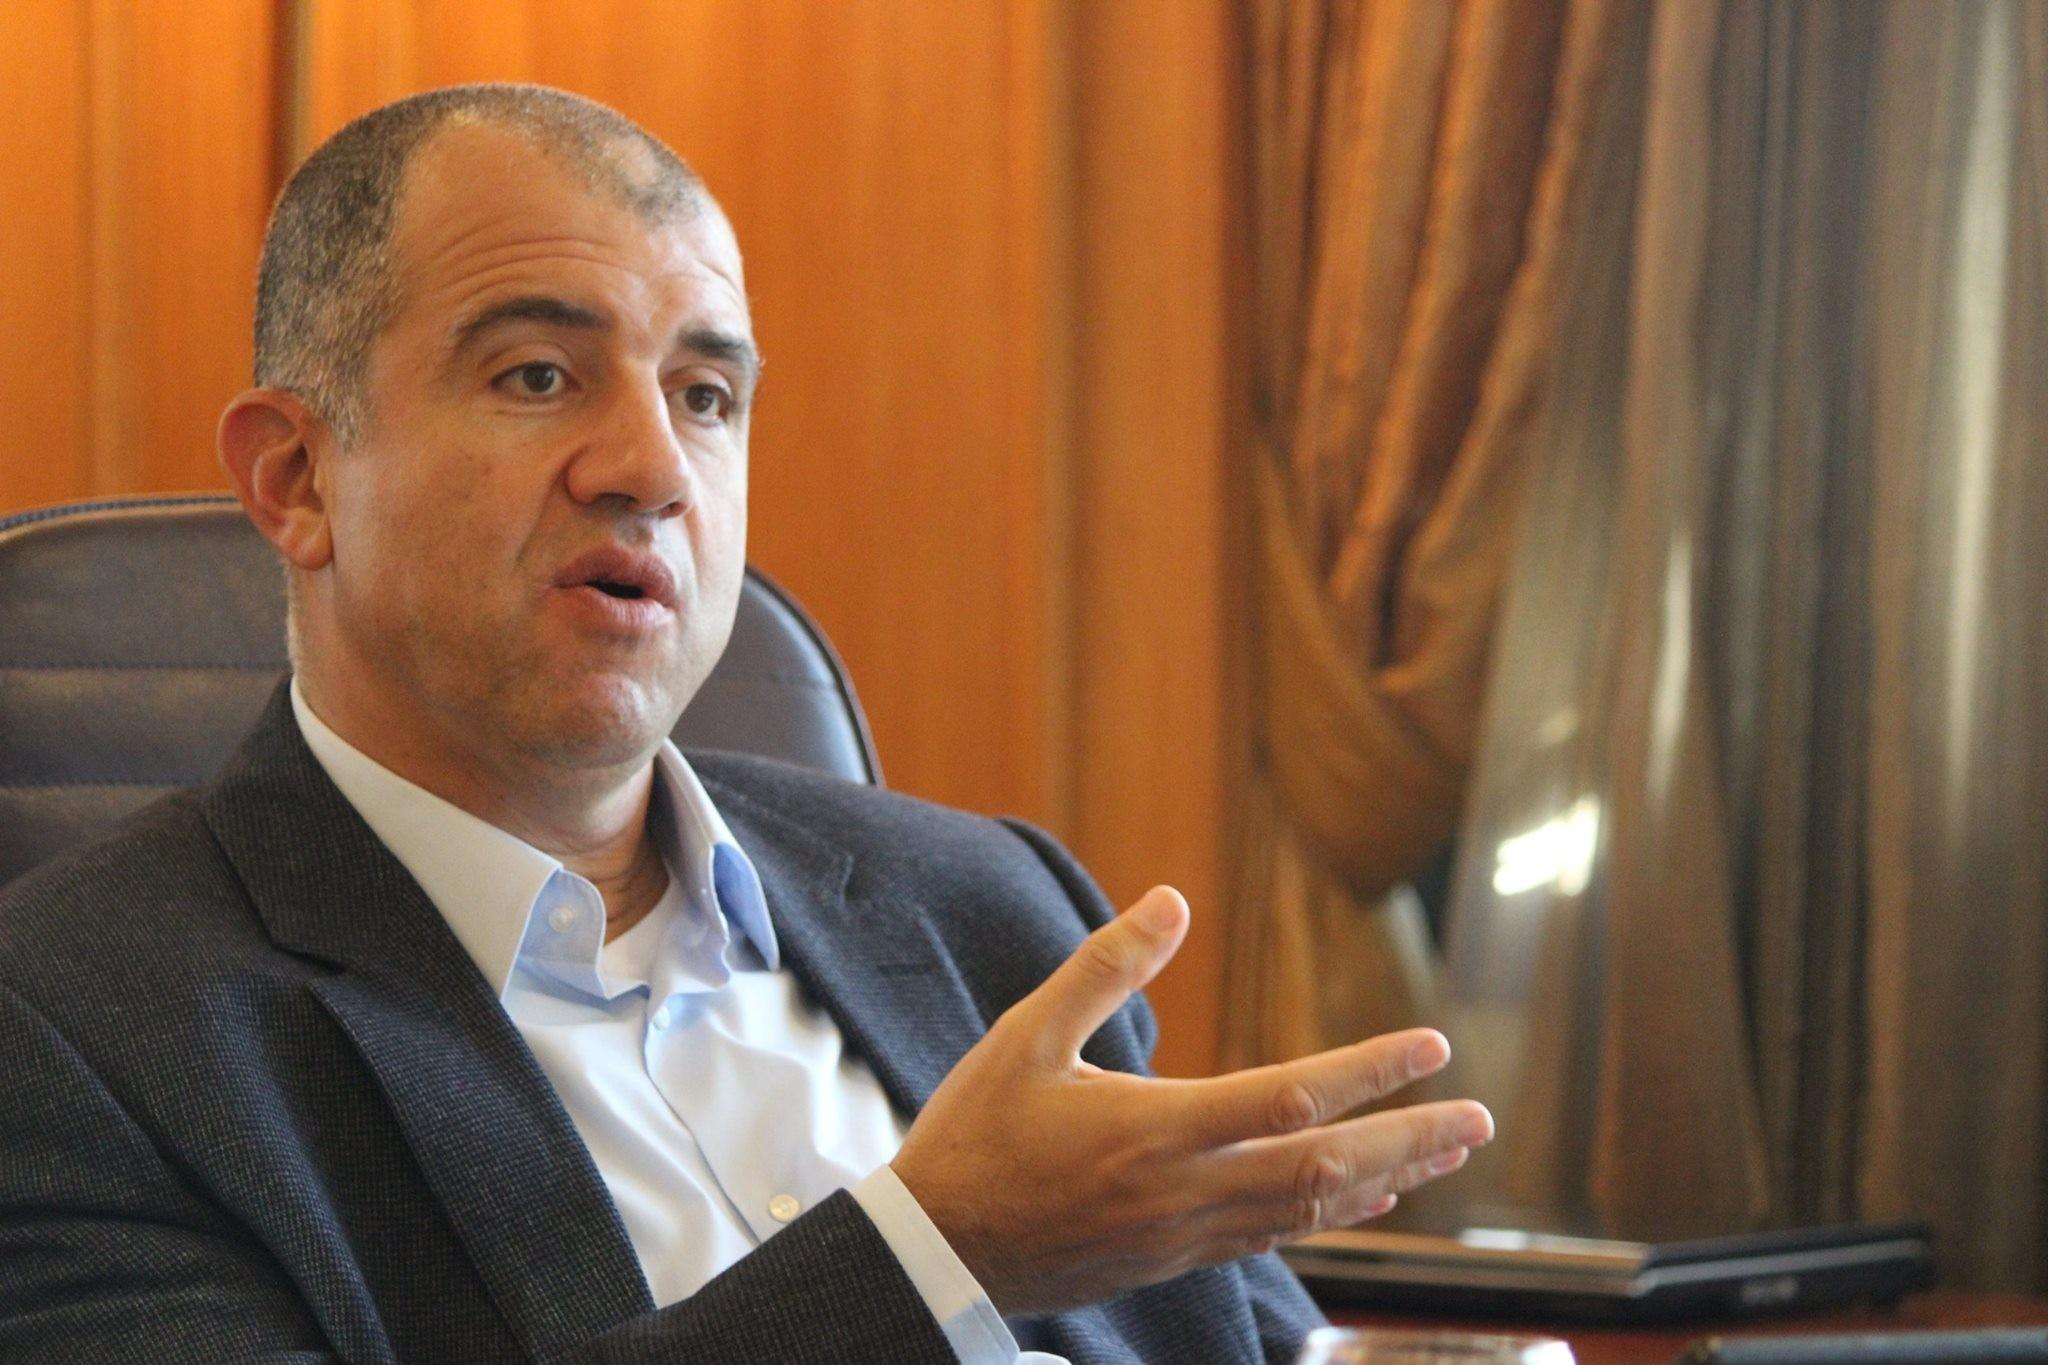 الاثنين اجتماع كبار المصنعين فى مصر لبحث تداعيات أزمة كورونا